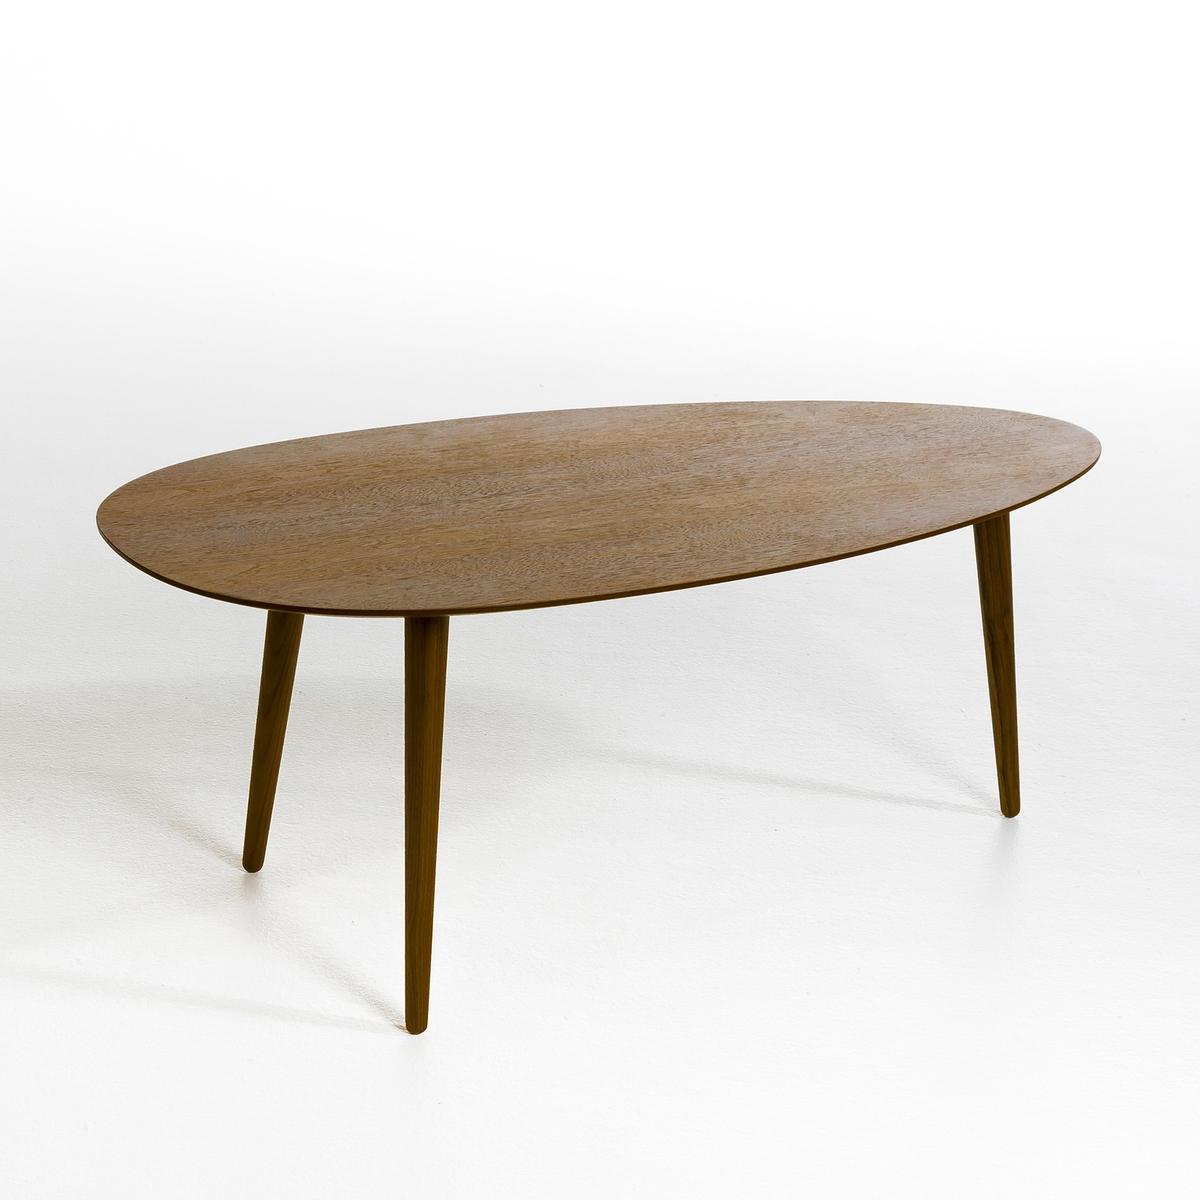 Журнальный столик из каучукового дерева с лакированным покрытием Дл120 см, Flashback